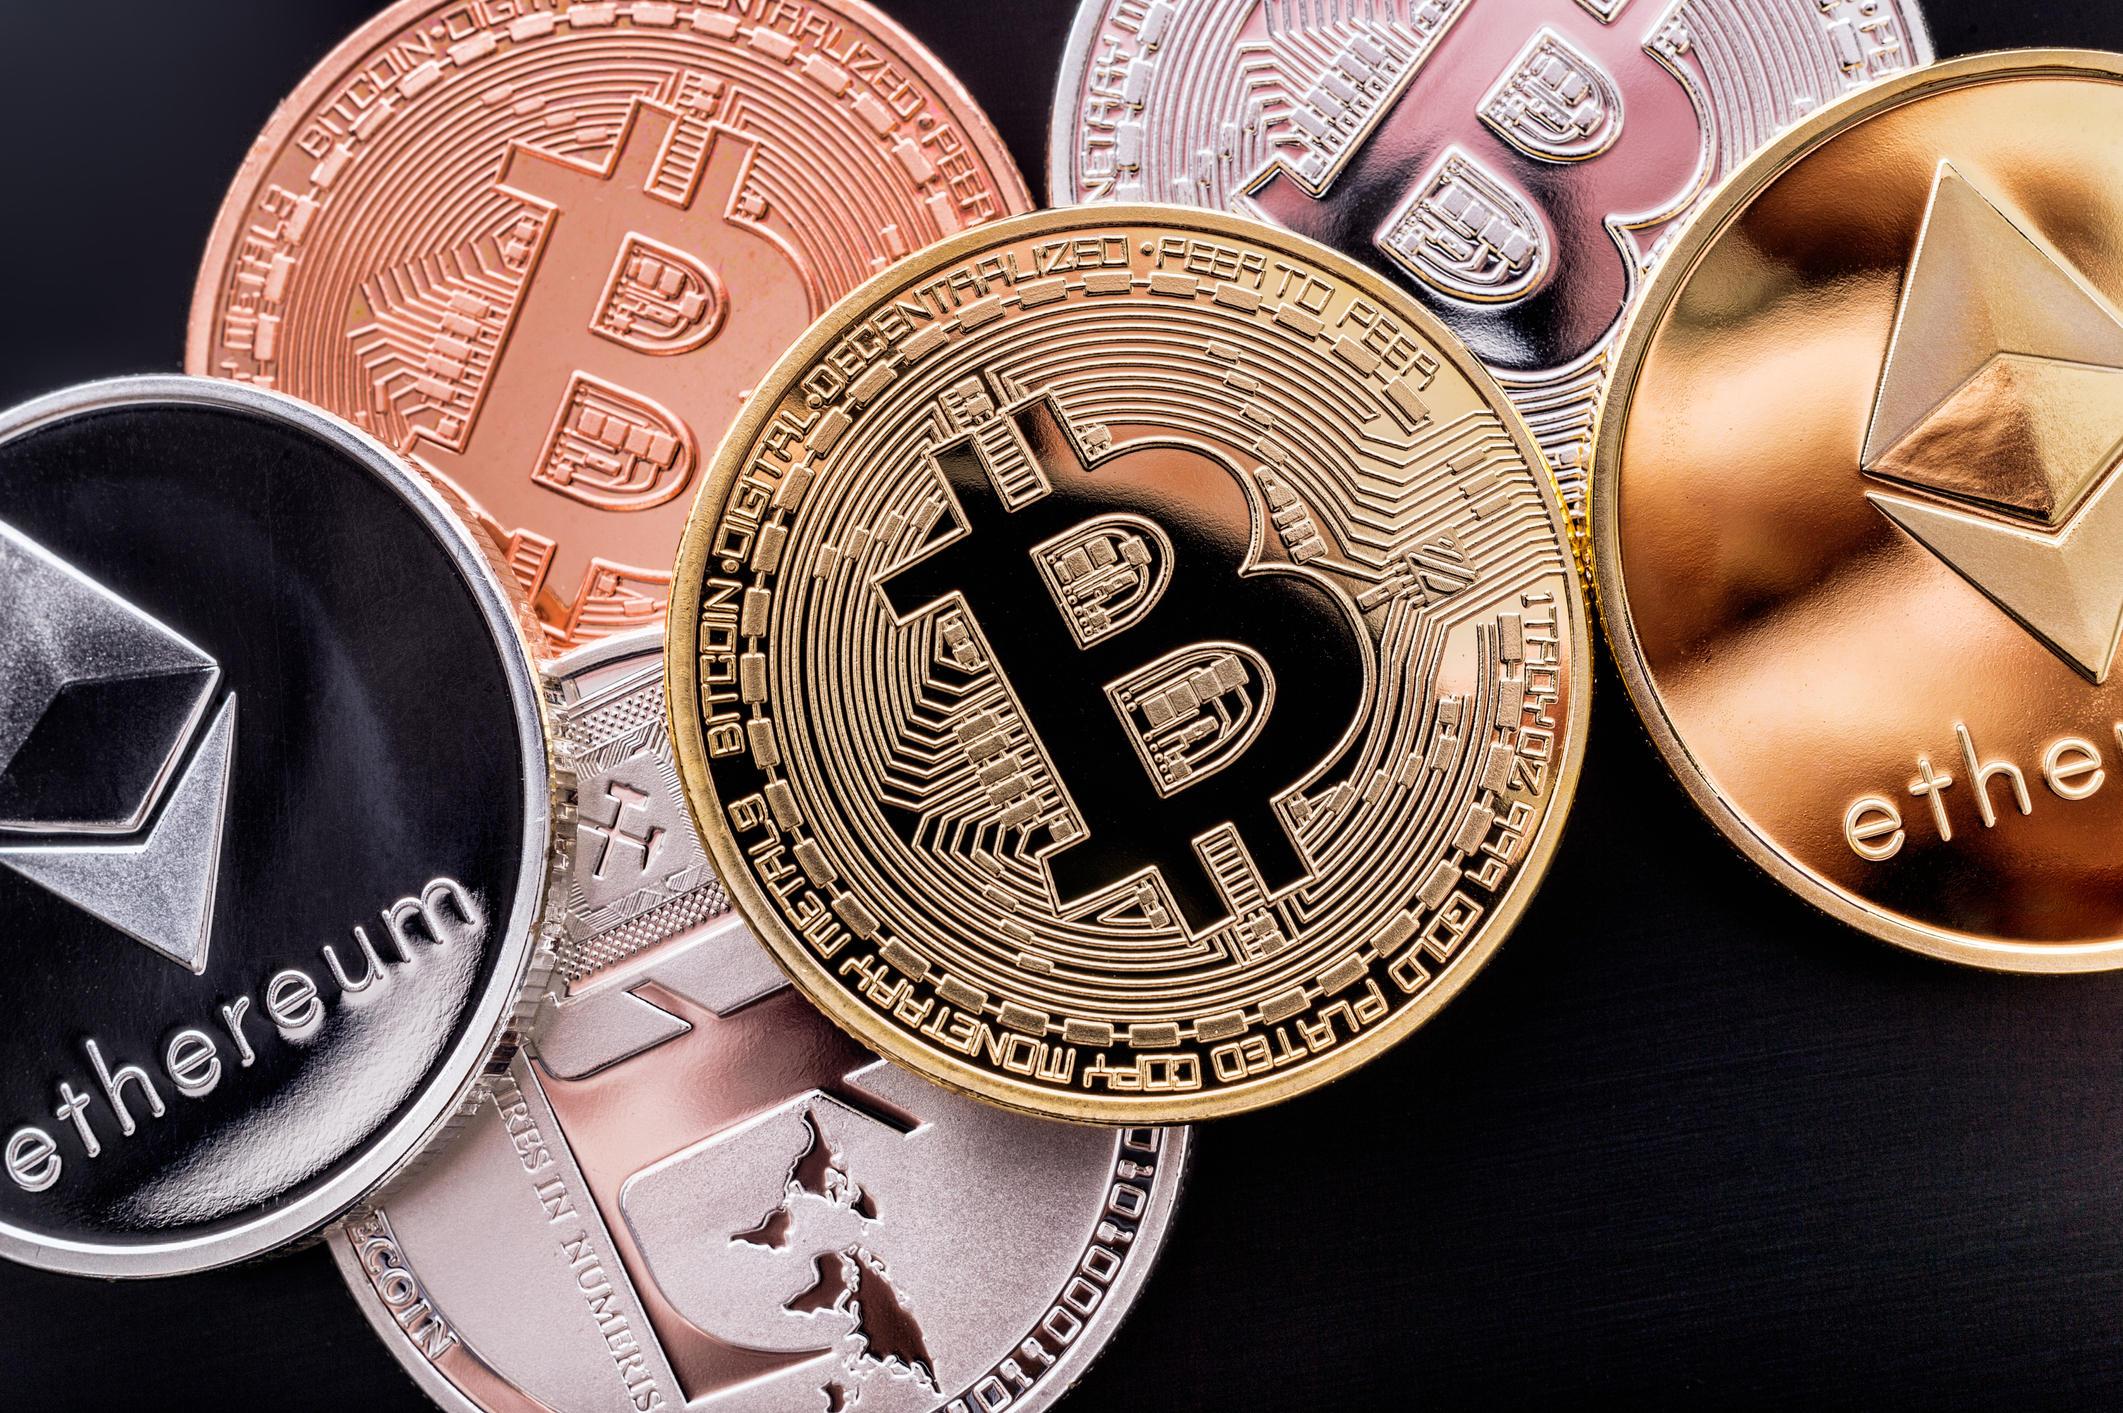 kripto para piyasalarında iyileşme